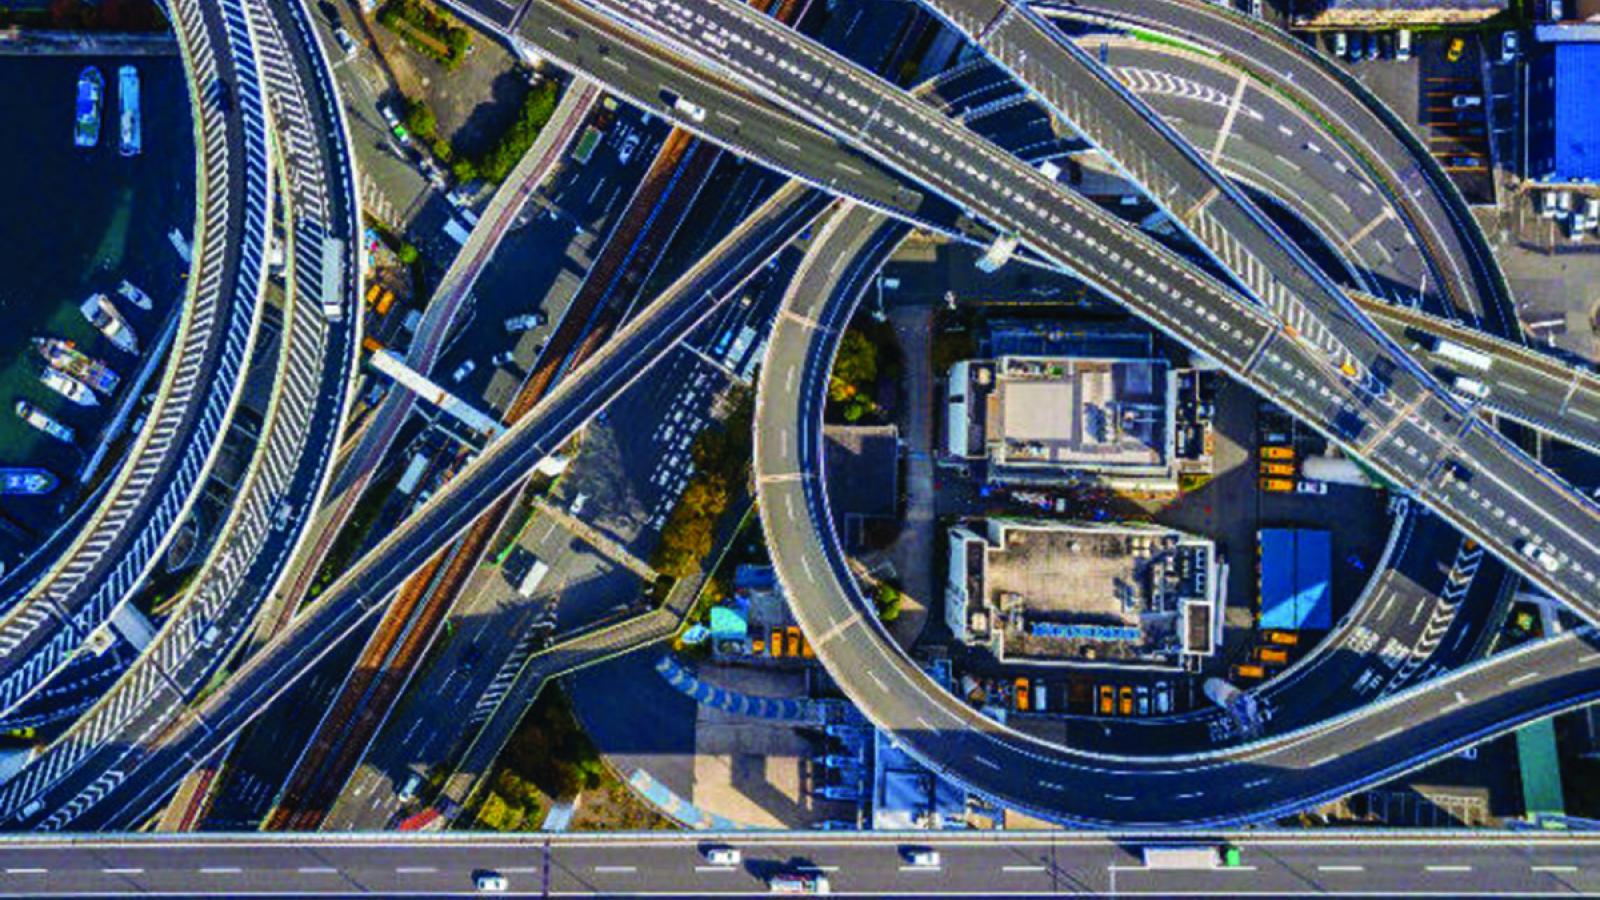 Khi văn hóa giao thông không đuổi kịp sự phát triển xa lộ